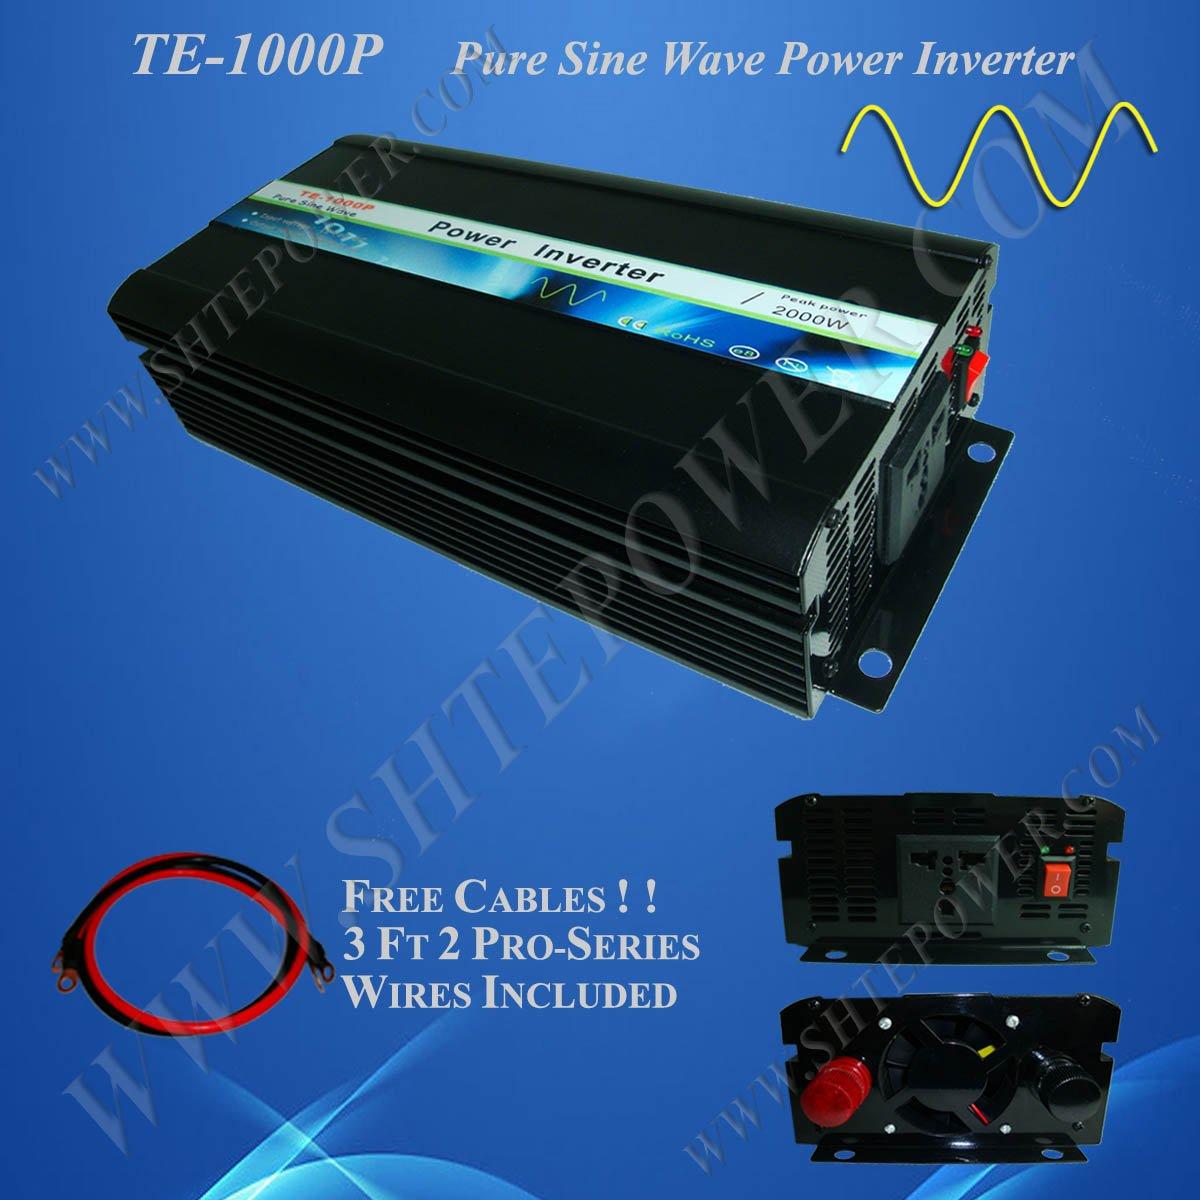 12 В преобразователь постоянного тока в 230 В переменного тока 12 В инвертор 1000 Вт 1 кВт инвертор питания